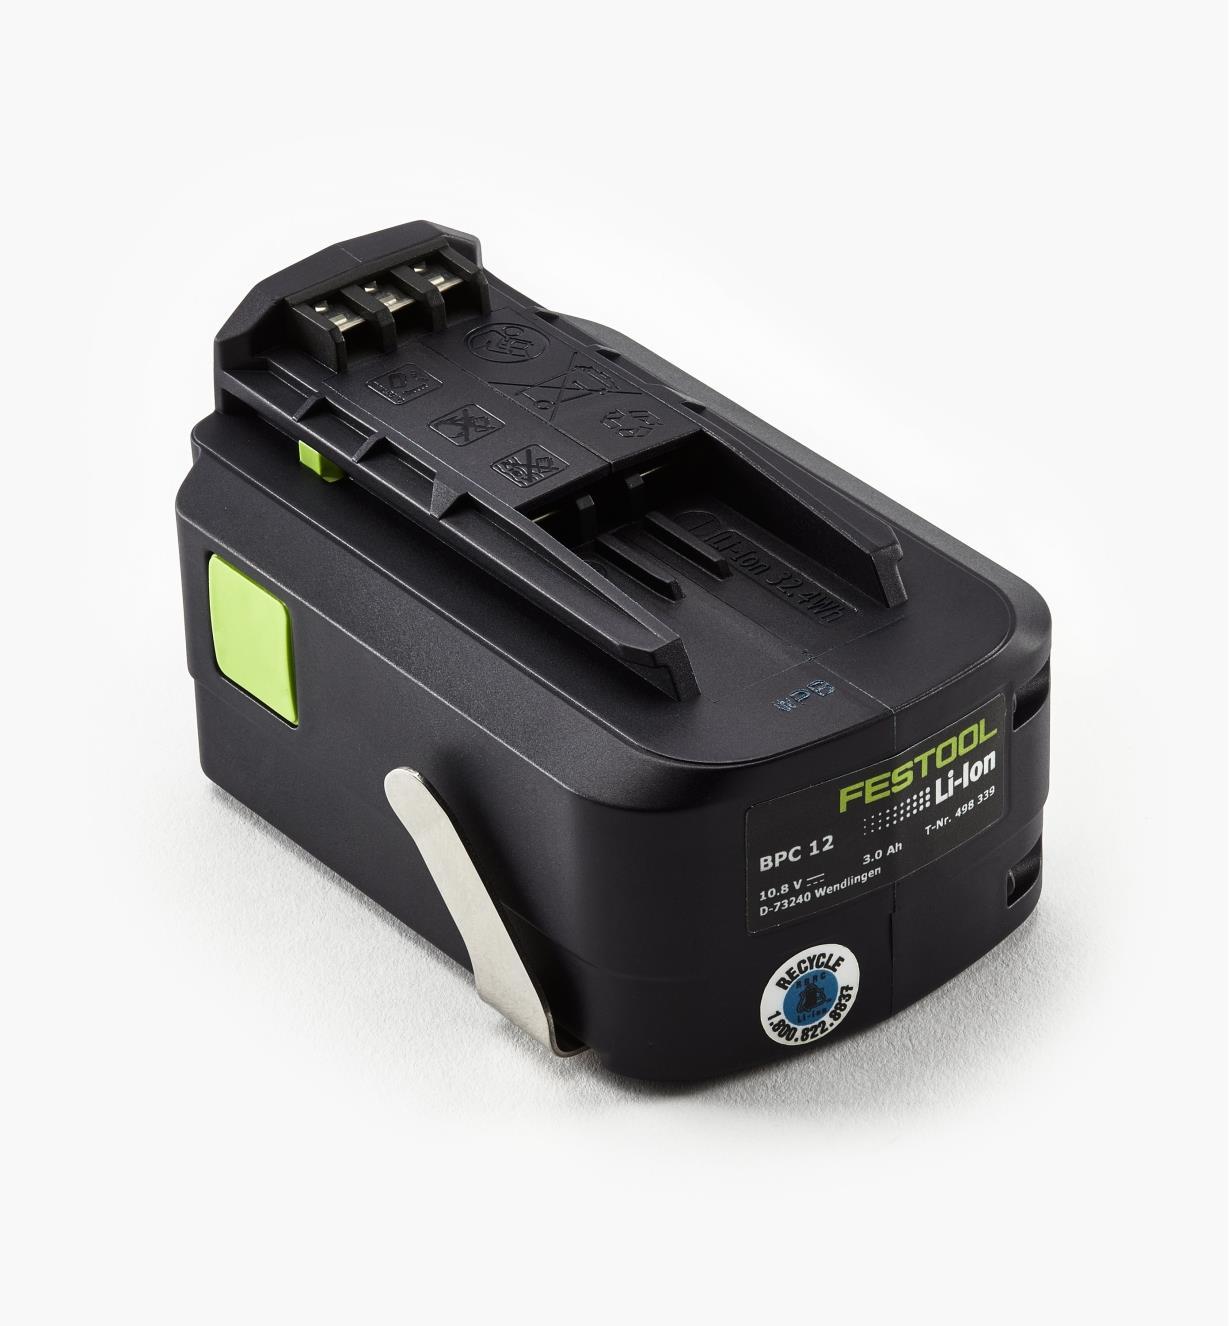 ZA498339 - Batterie de remplacement pour perceuse-visseuse sans fil T 12